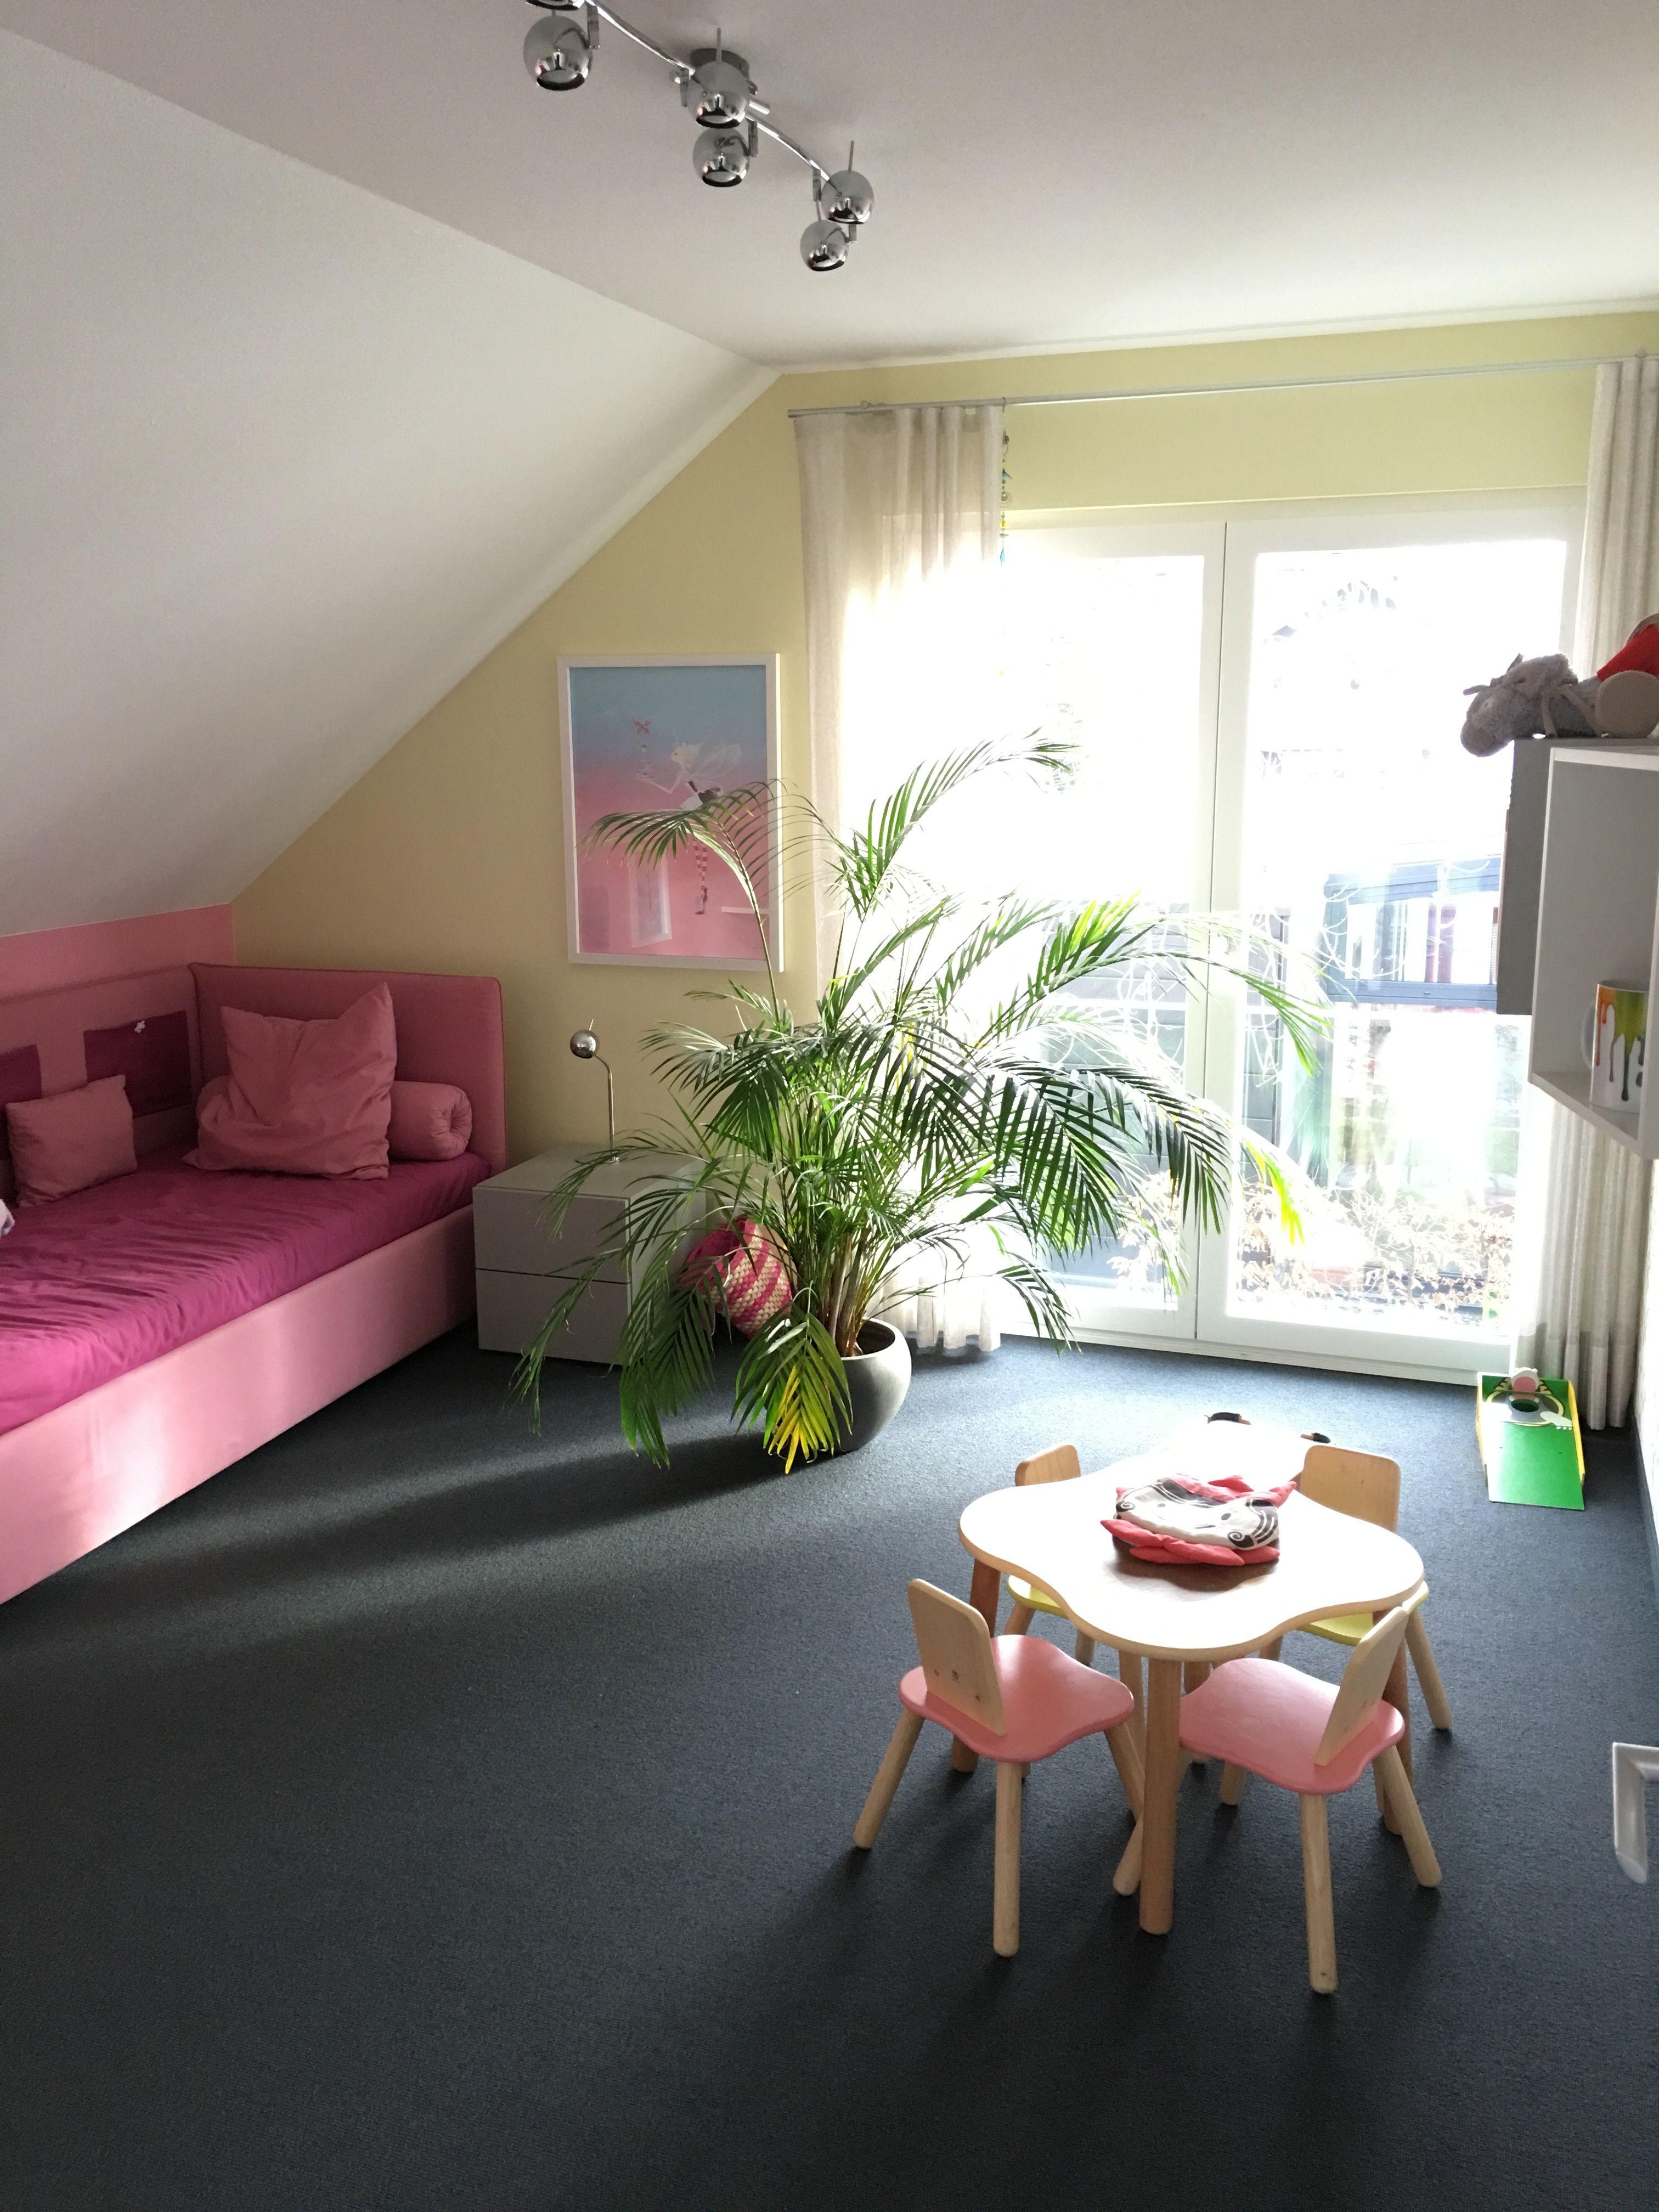 Faszinierend Kinderzimmer Mit Dachschräge Das Beste Von #kinderzimmer #dachschräge #